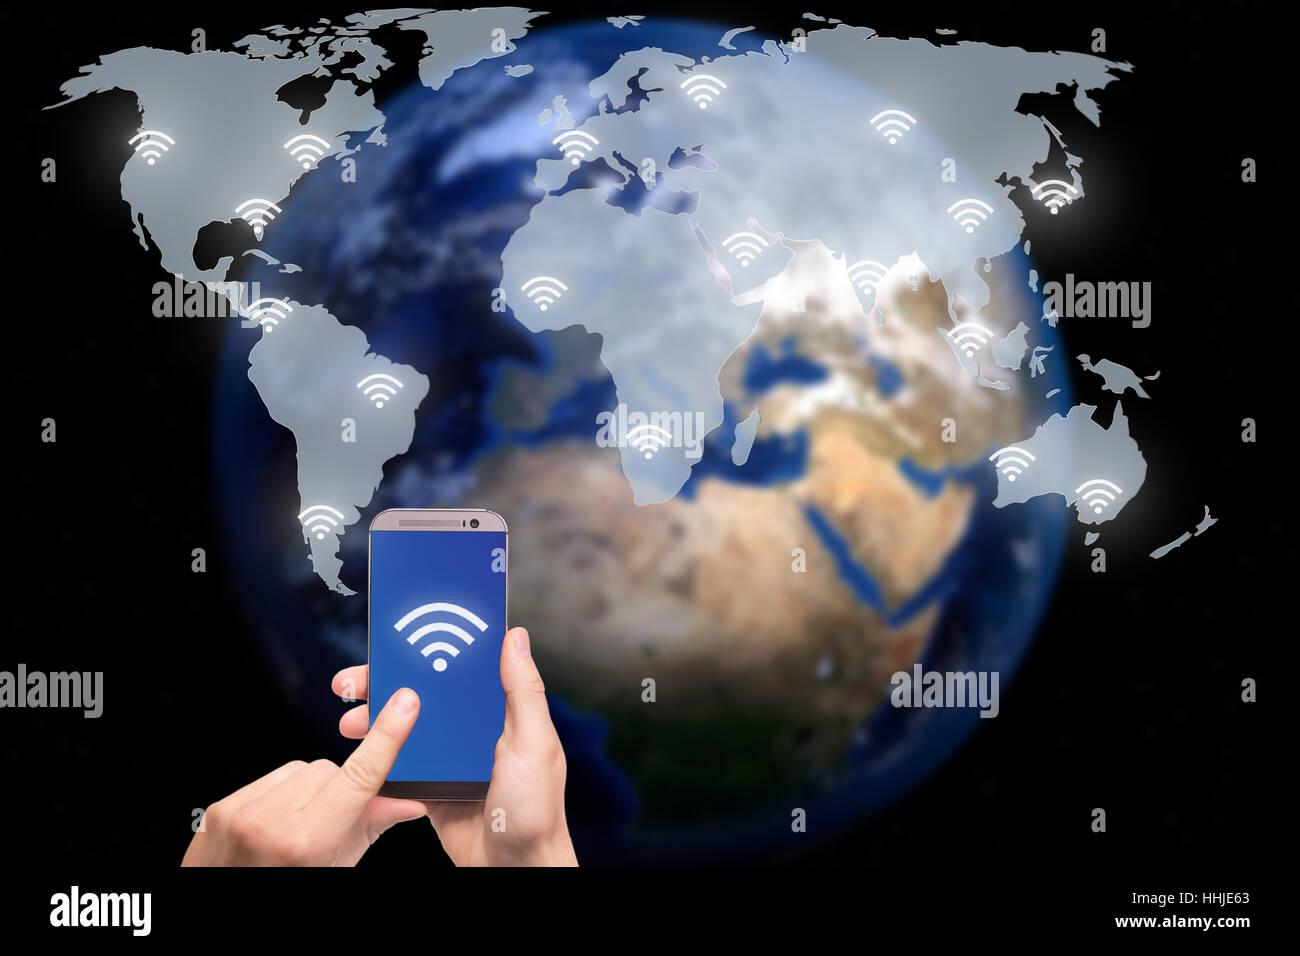 Mano sujetando el teléfono inteligente en el mapa mundial de la red de comunicación inalámbrica y Imagen De Stock